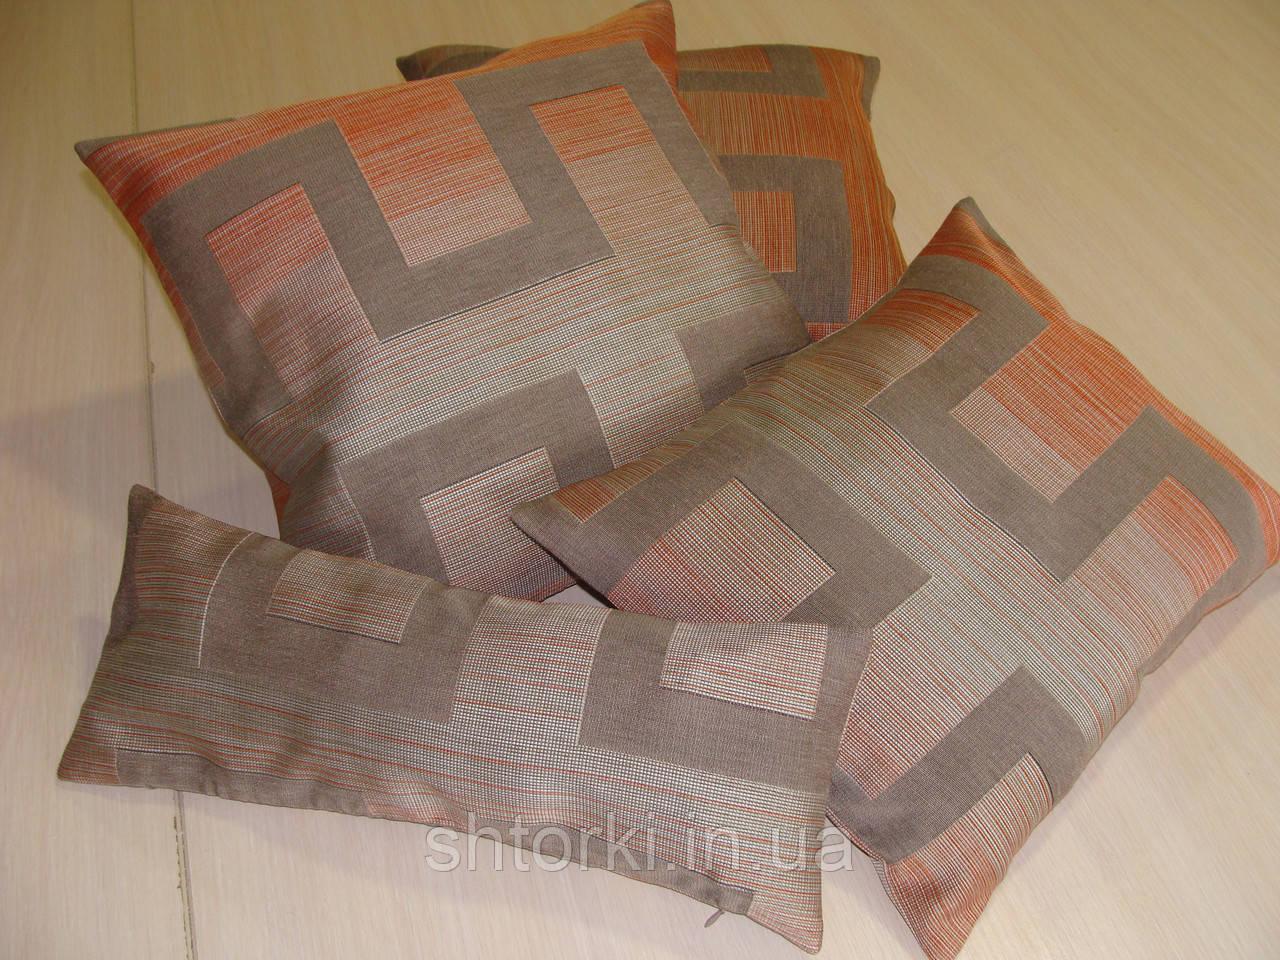 Комплект подушек терракот с серым 4шт лабиринт